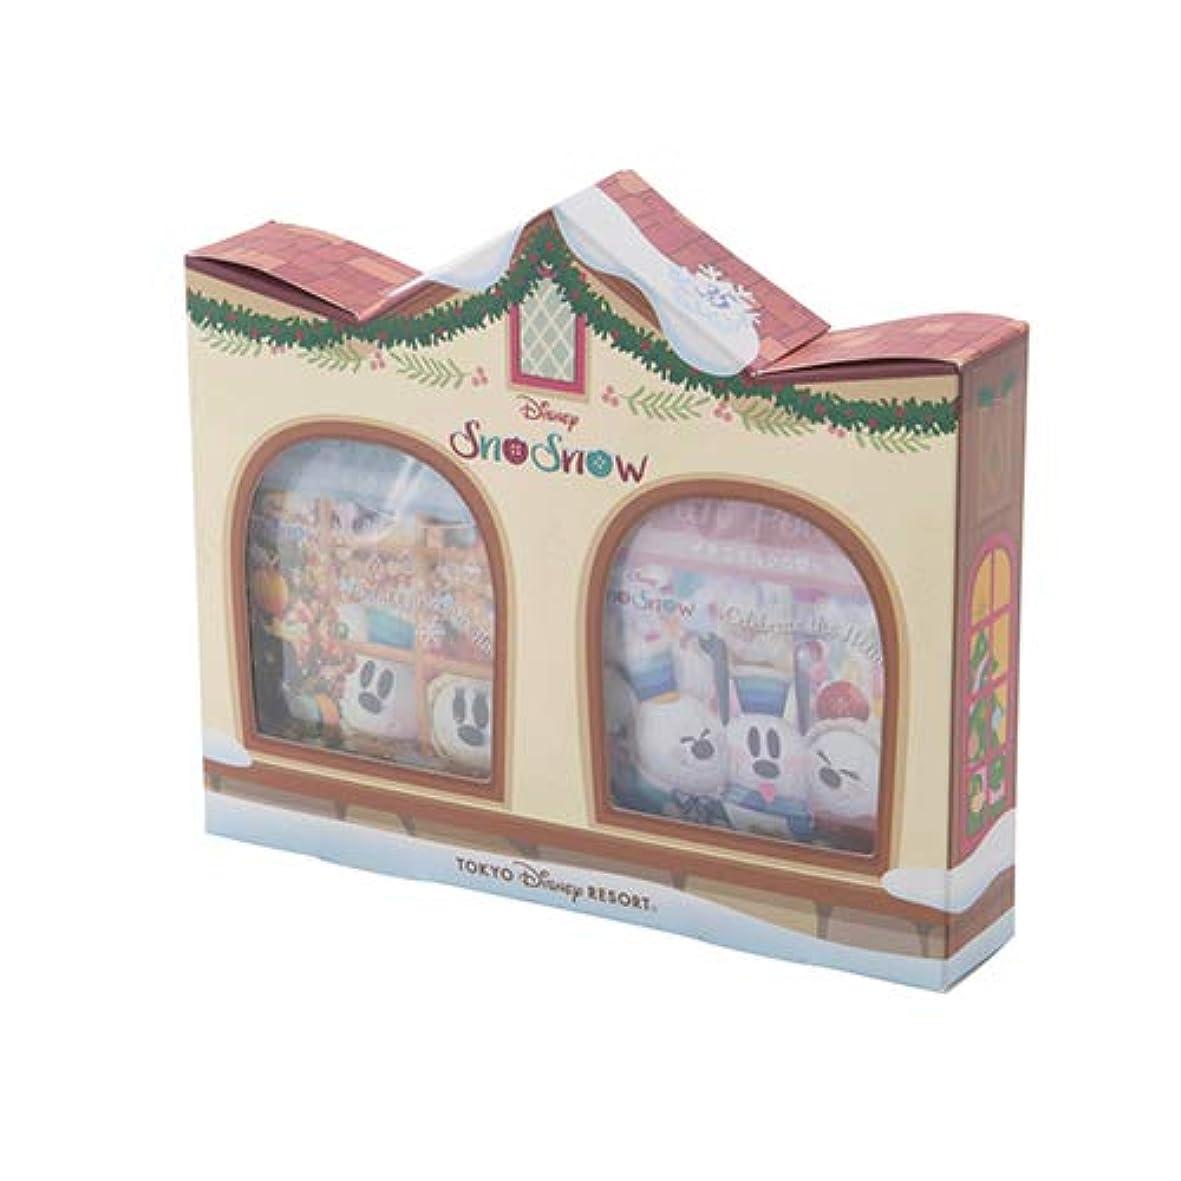 ミンチ同意する英語の授業がありますスノーミッキー 入浴剤 スノースノー ディズニー クリスマス 2018 箱入り ディズニー お土産 【東京ディズニーリゾート限定】